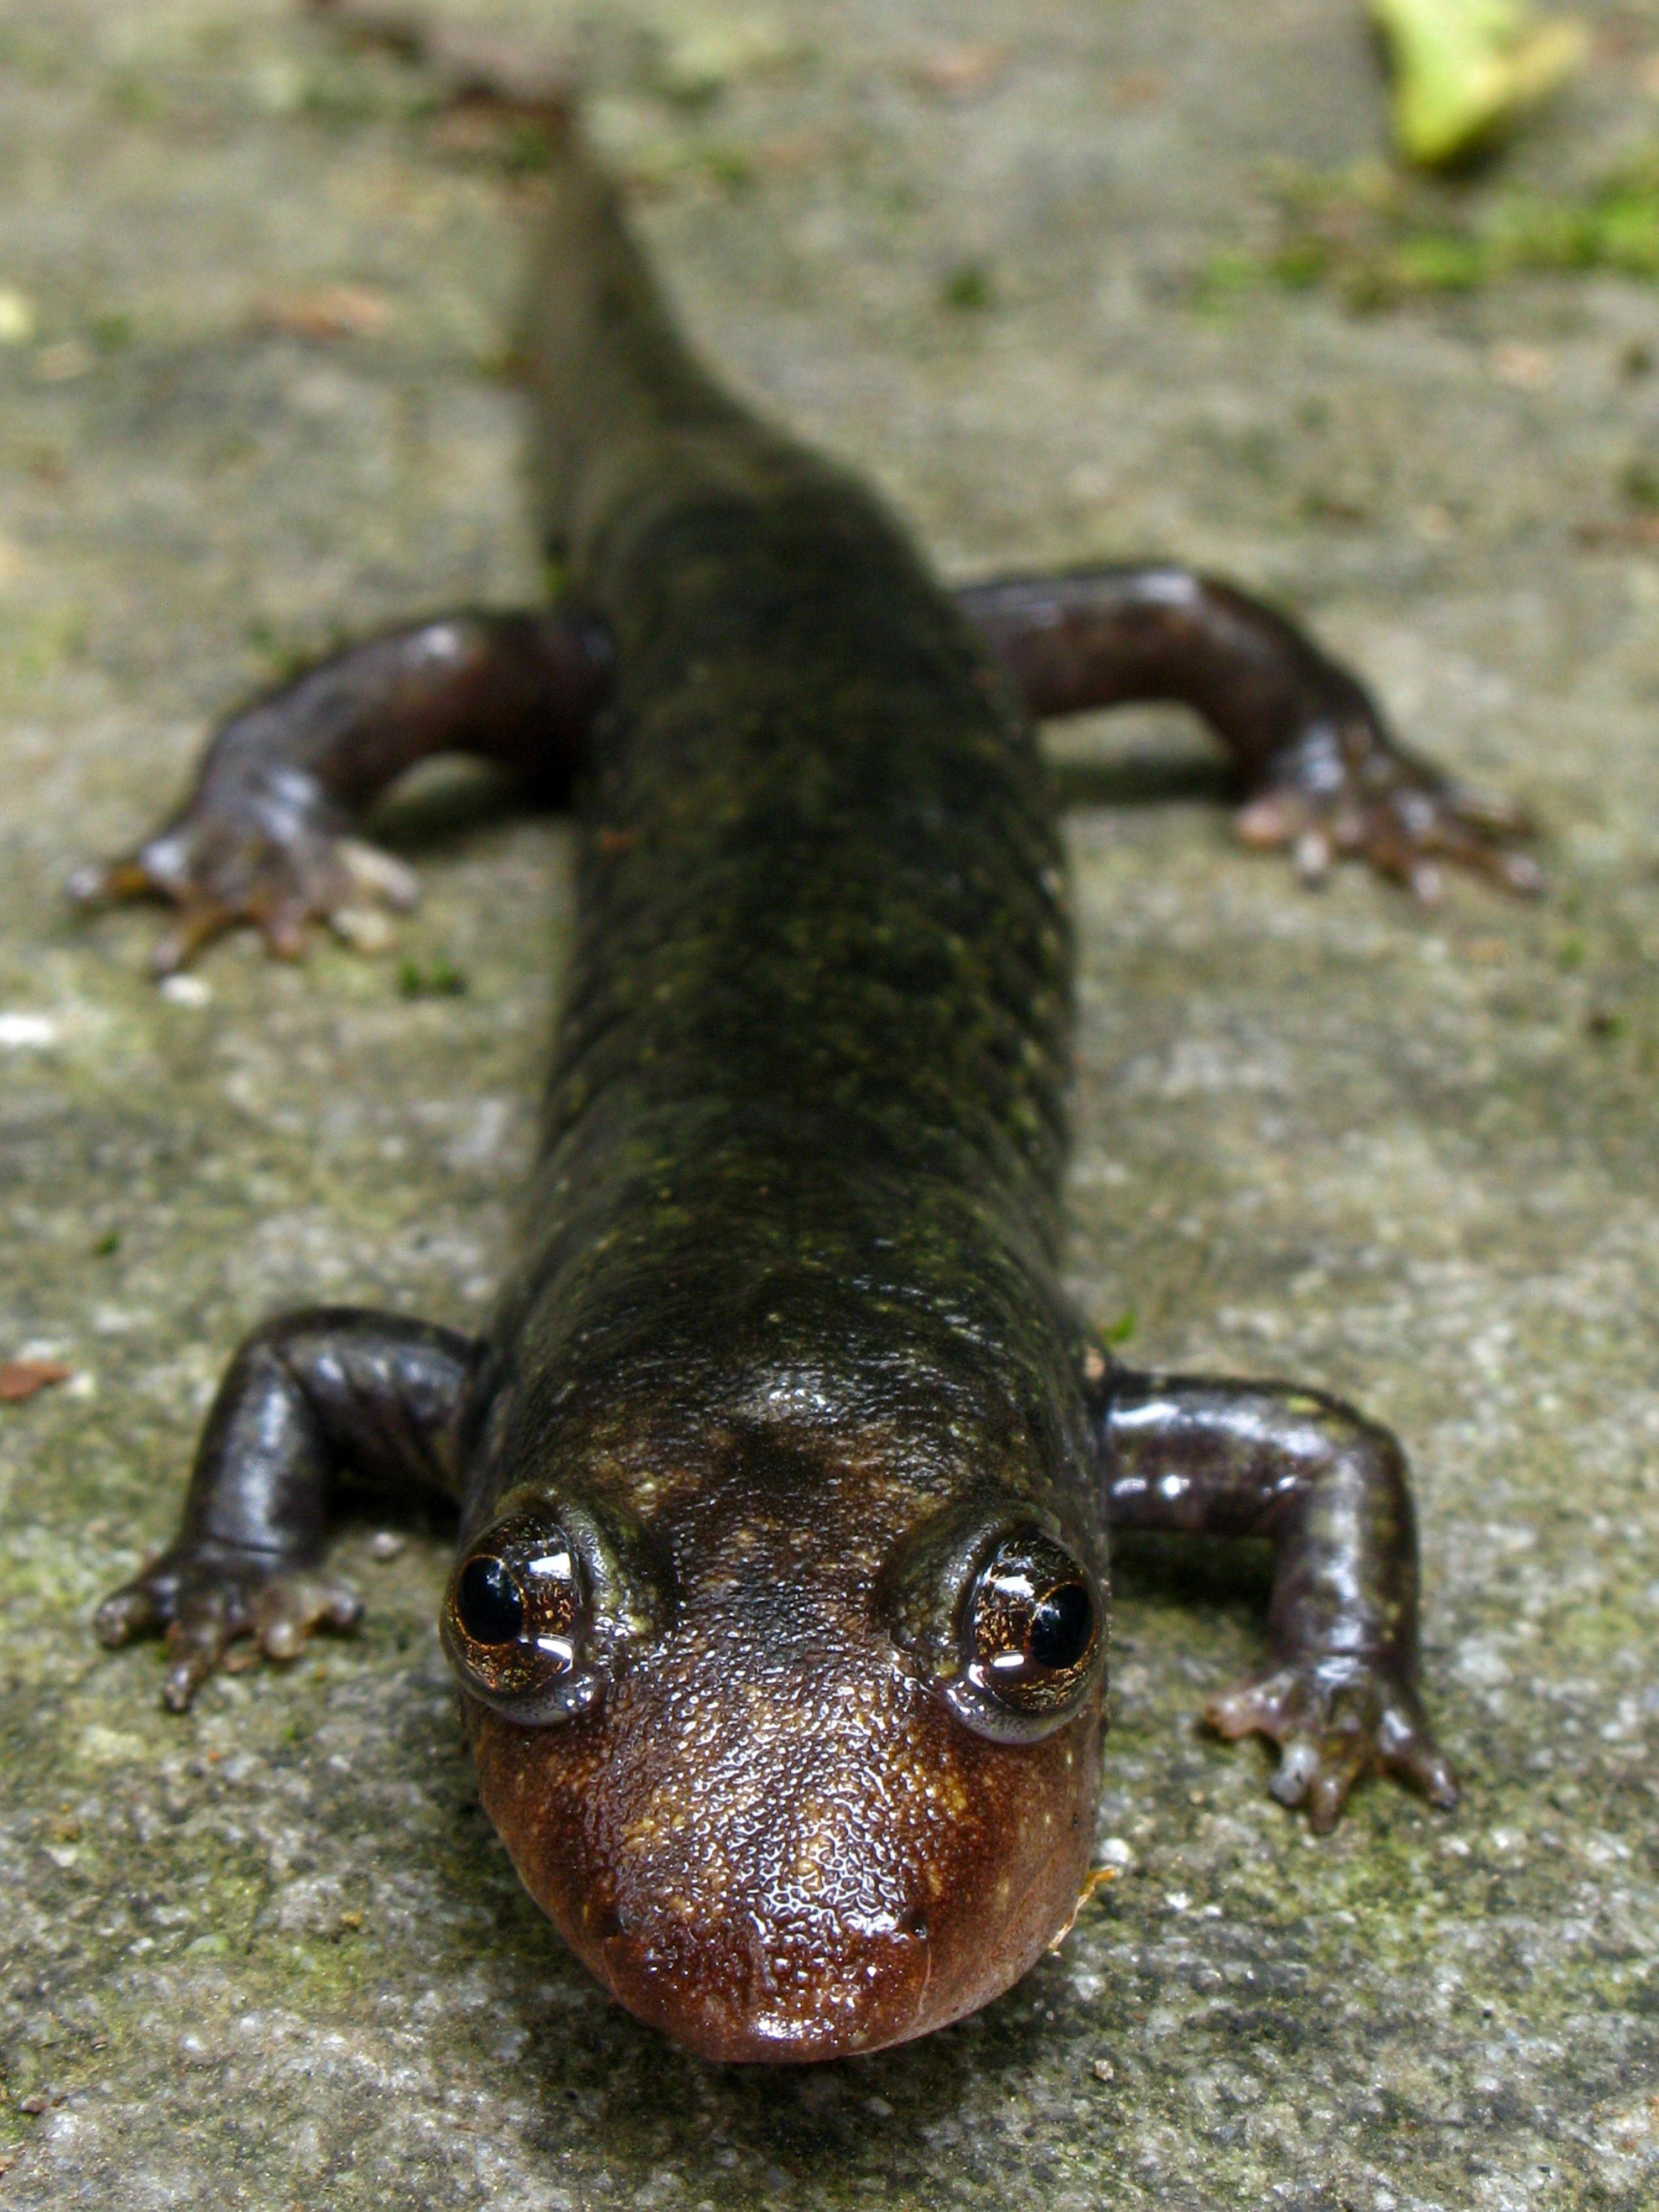 black-bellied_salamander_cressler_high_res.jpg (3000×4000)